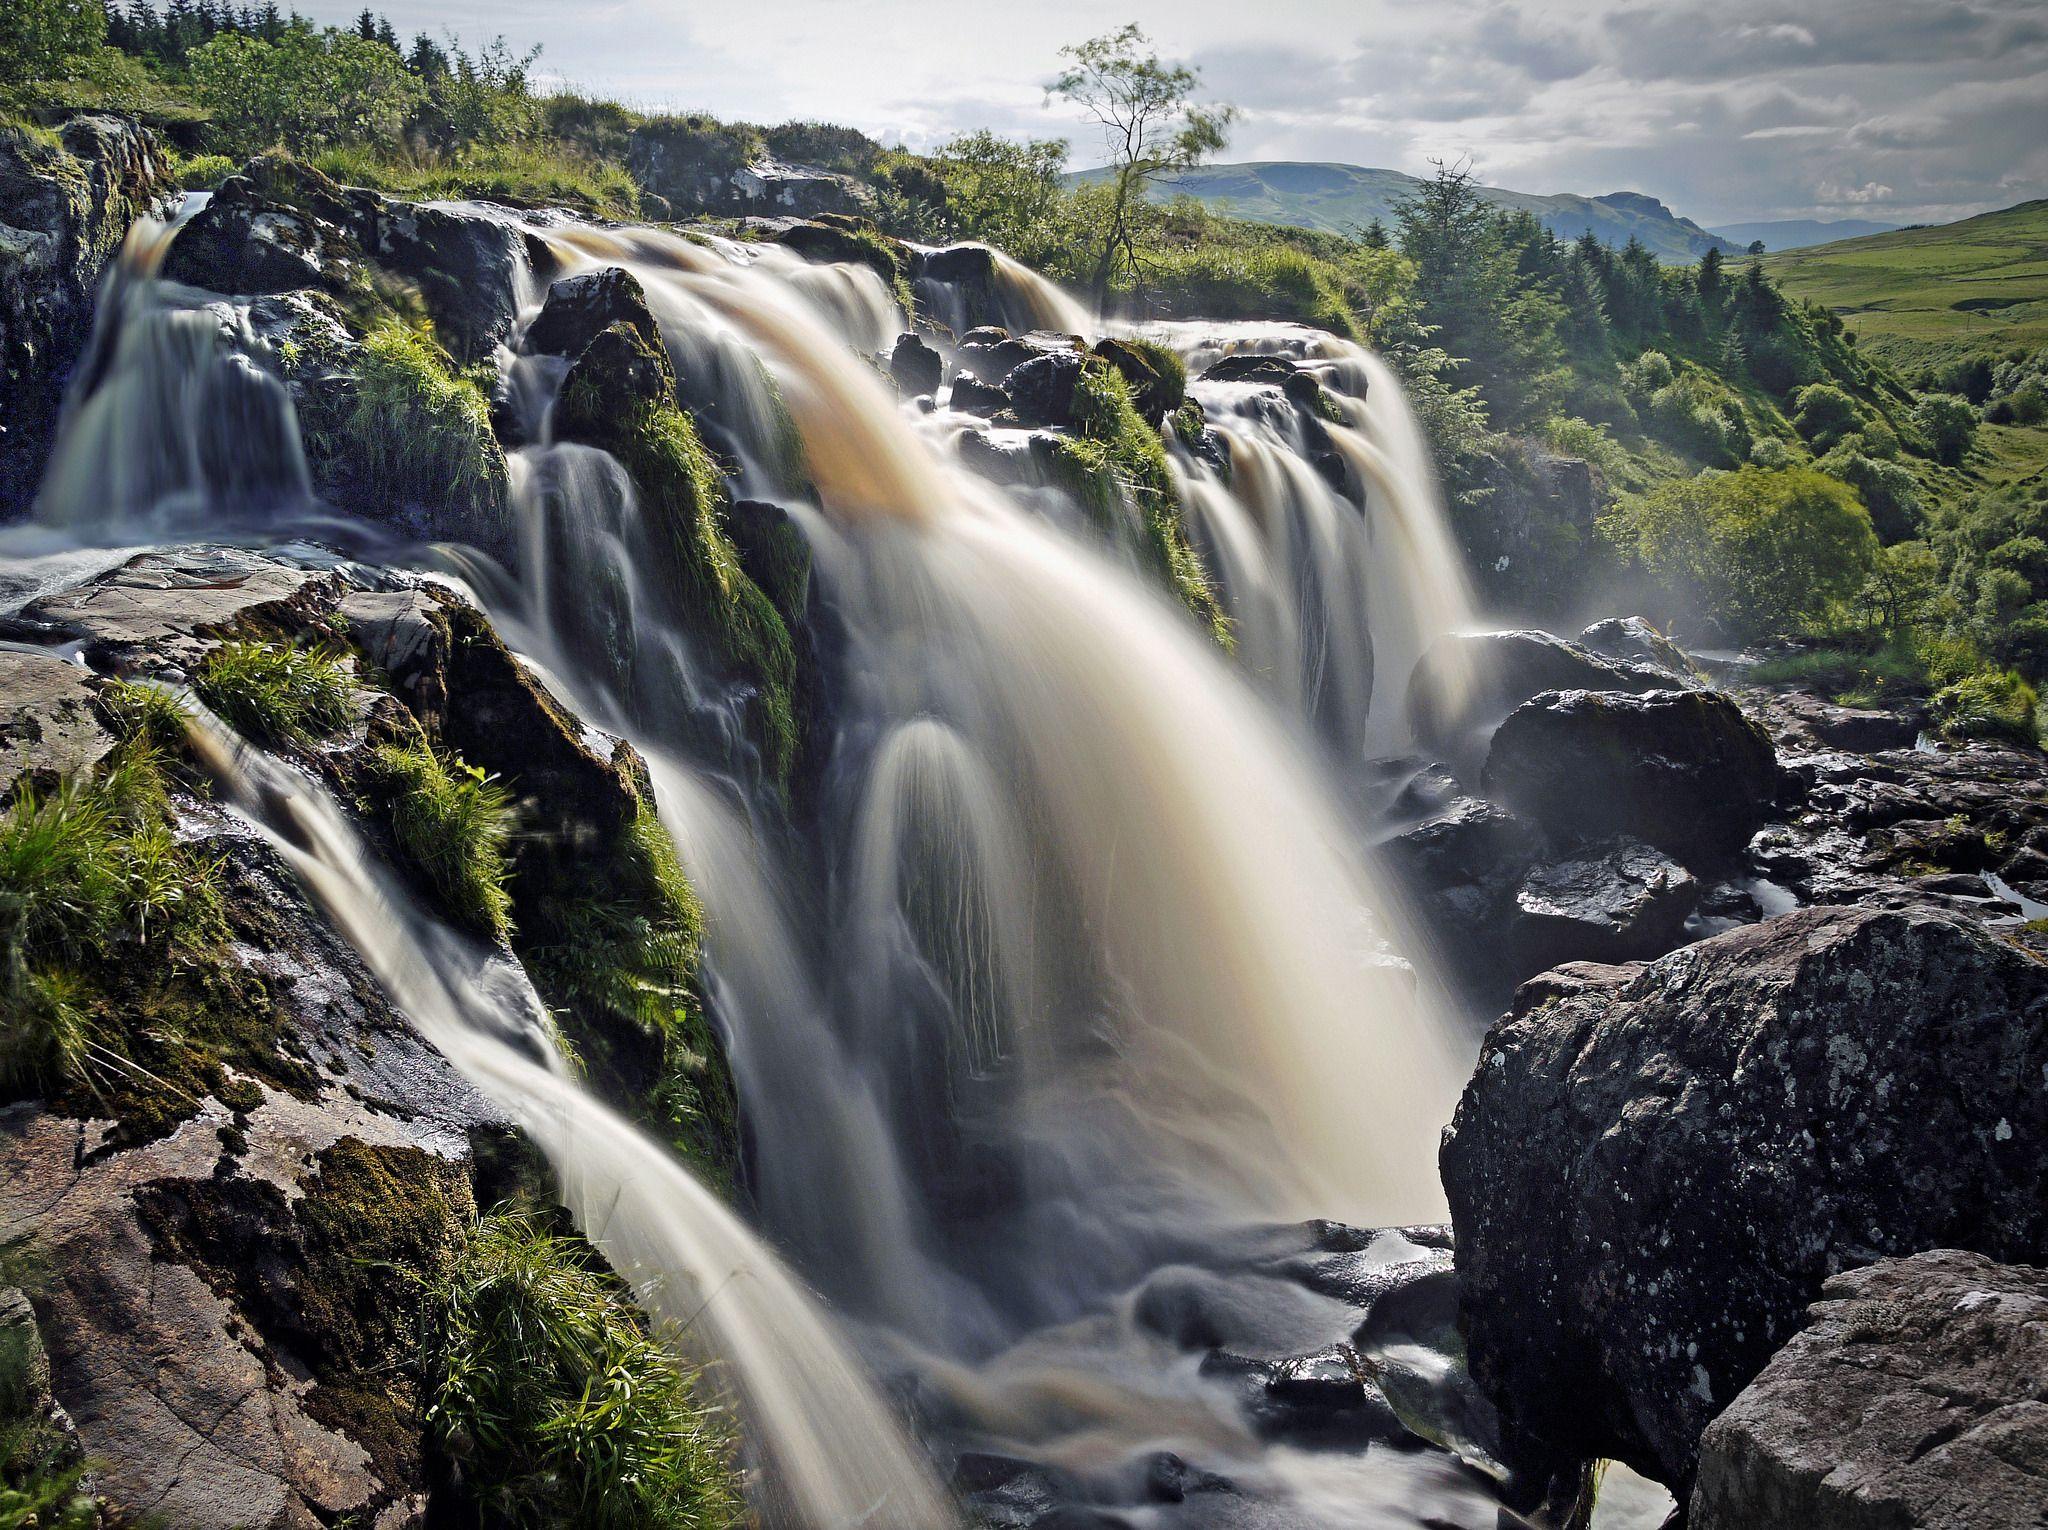 Chute D Eau Fonds D Ecran Arrieres Plan 2048x1530 Id 663825 Chute D Eau Les Cascades Nature Paysage